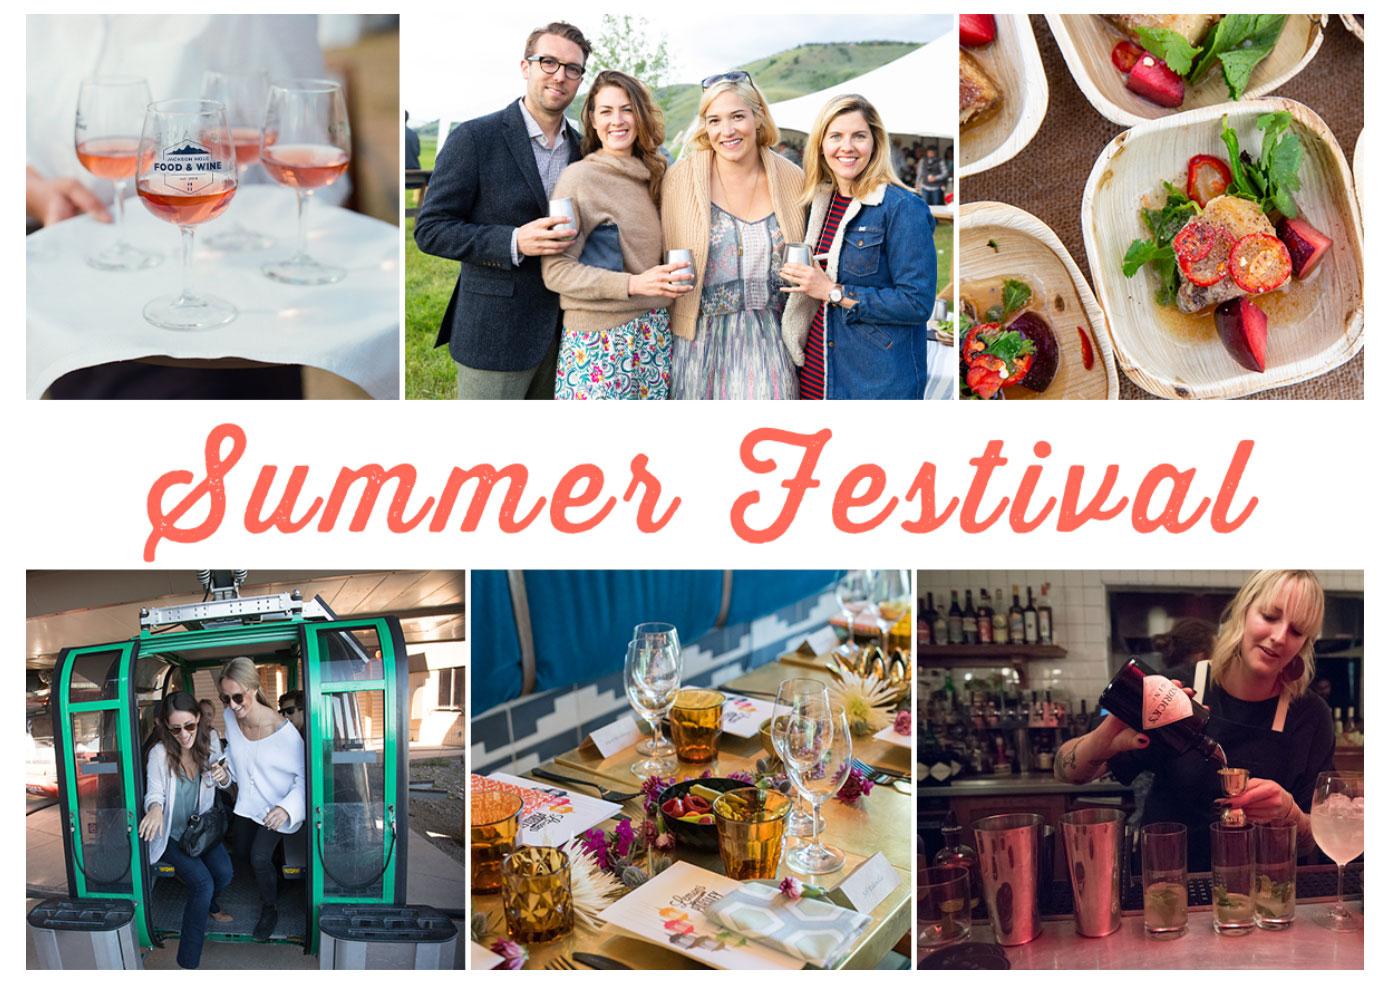 Summer Food & Wine Festival